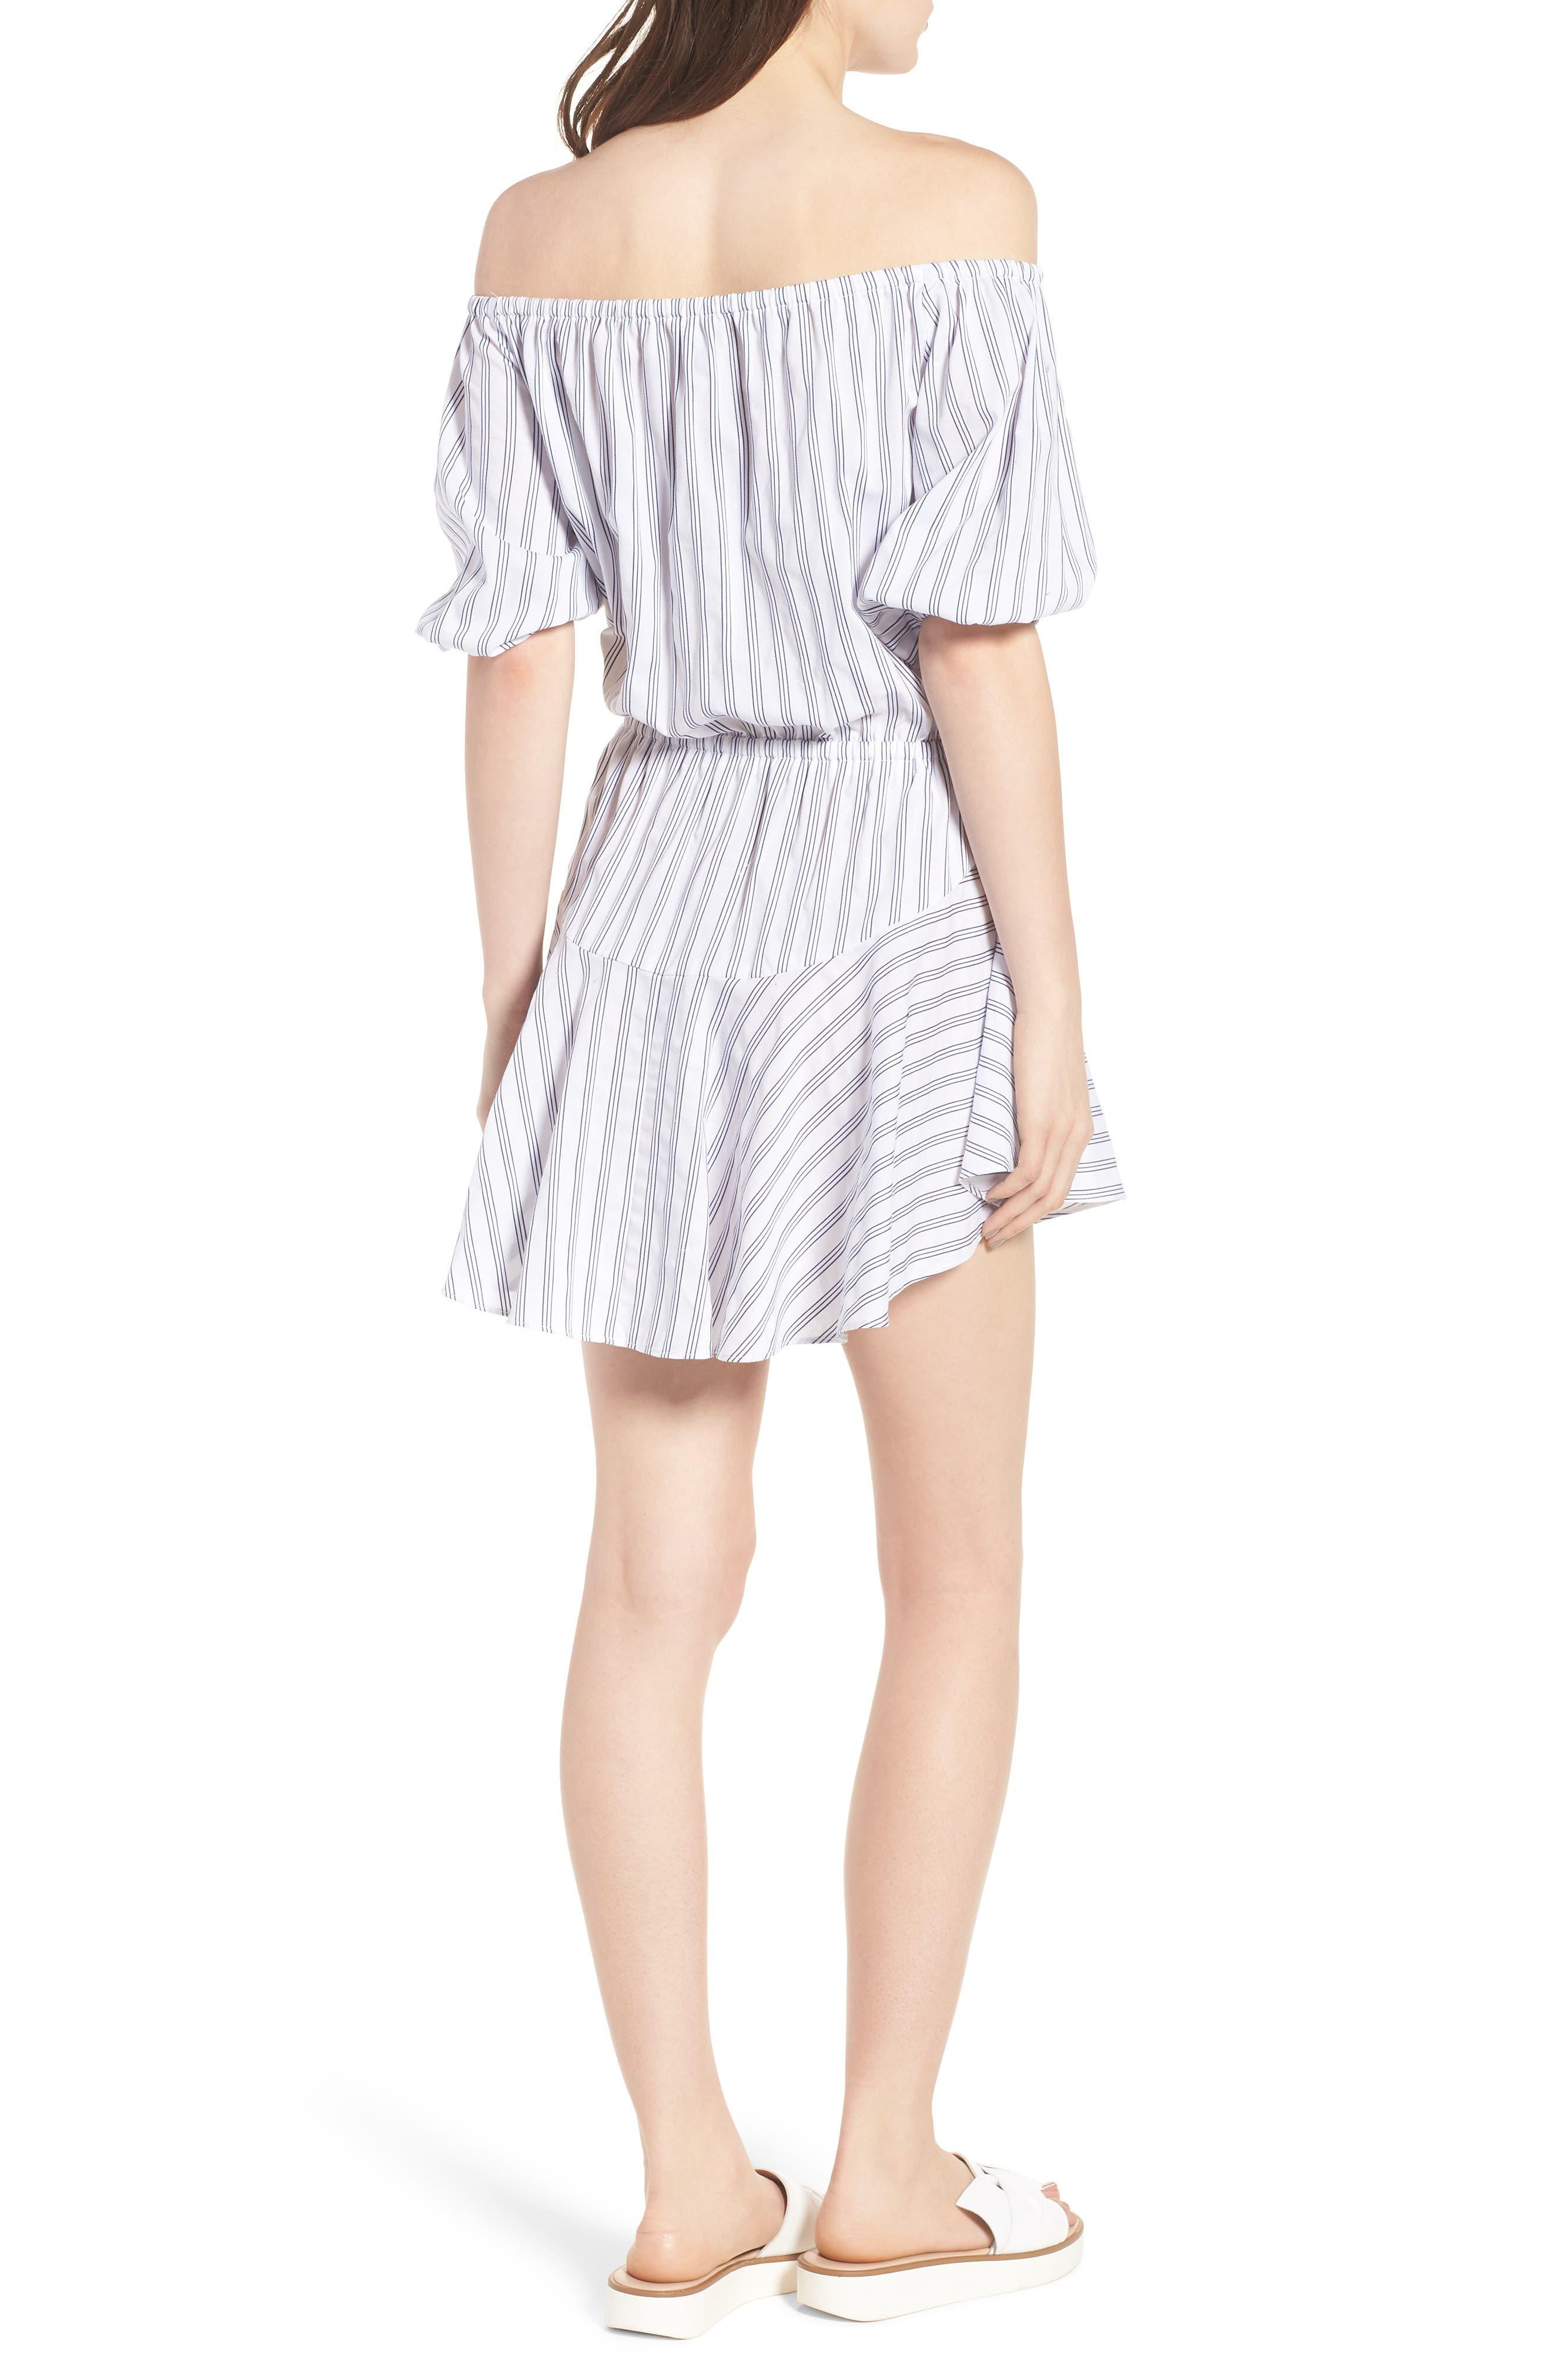 Barbados Stripe Off the Shoulder Dress,                             Alternate thumbnail 2, color,                             Blue